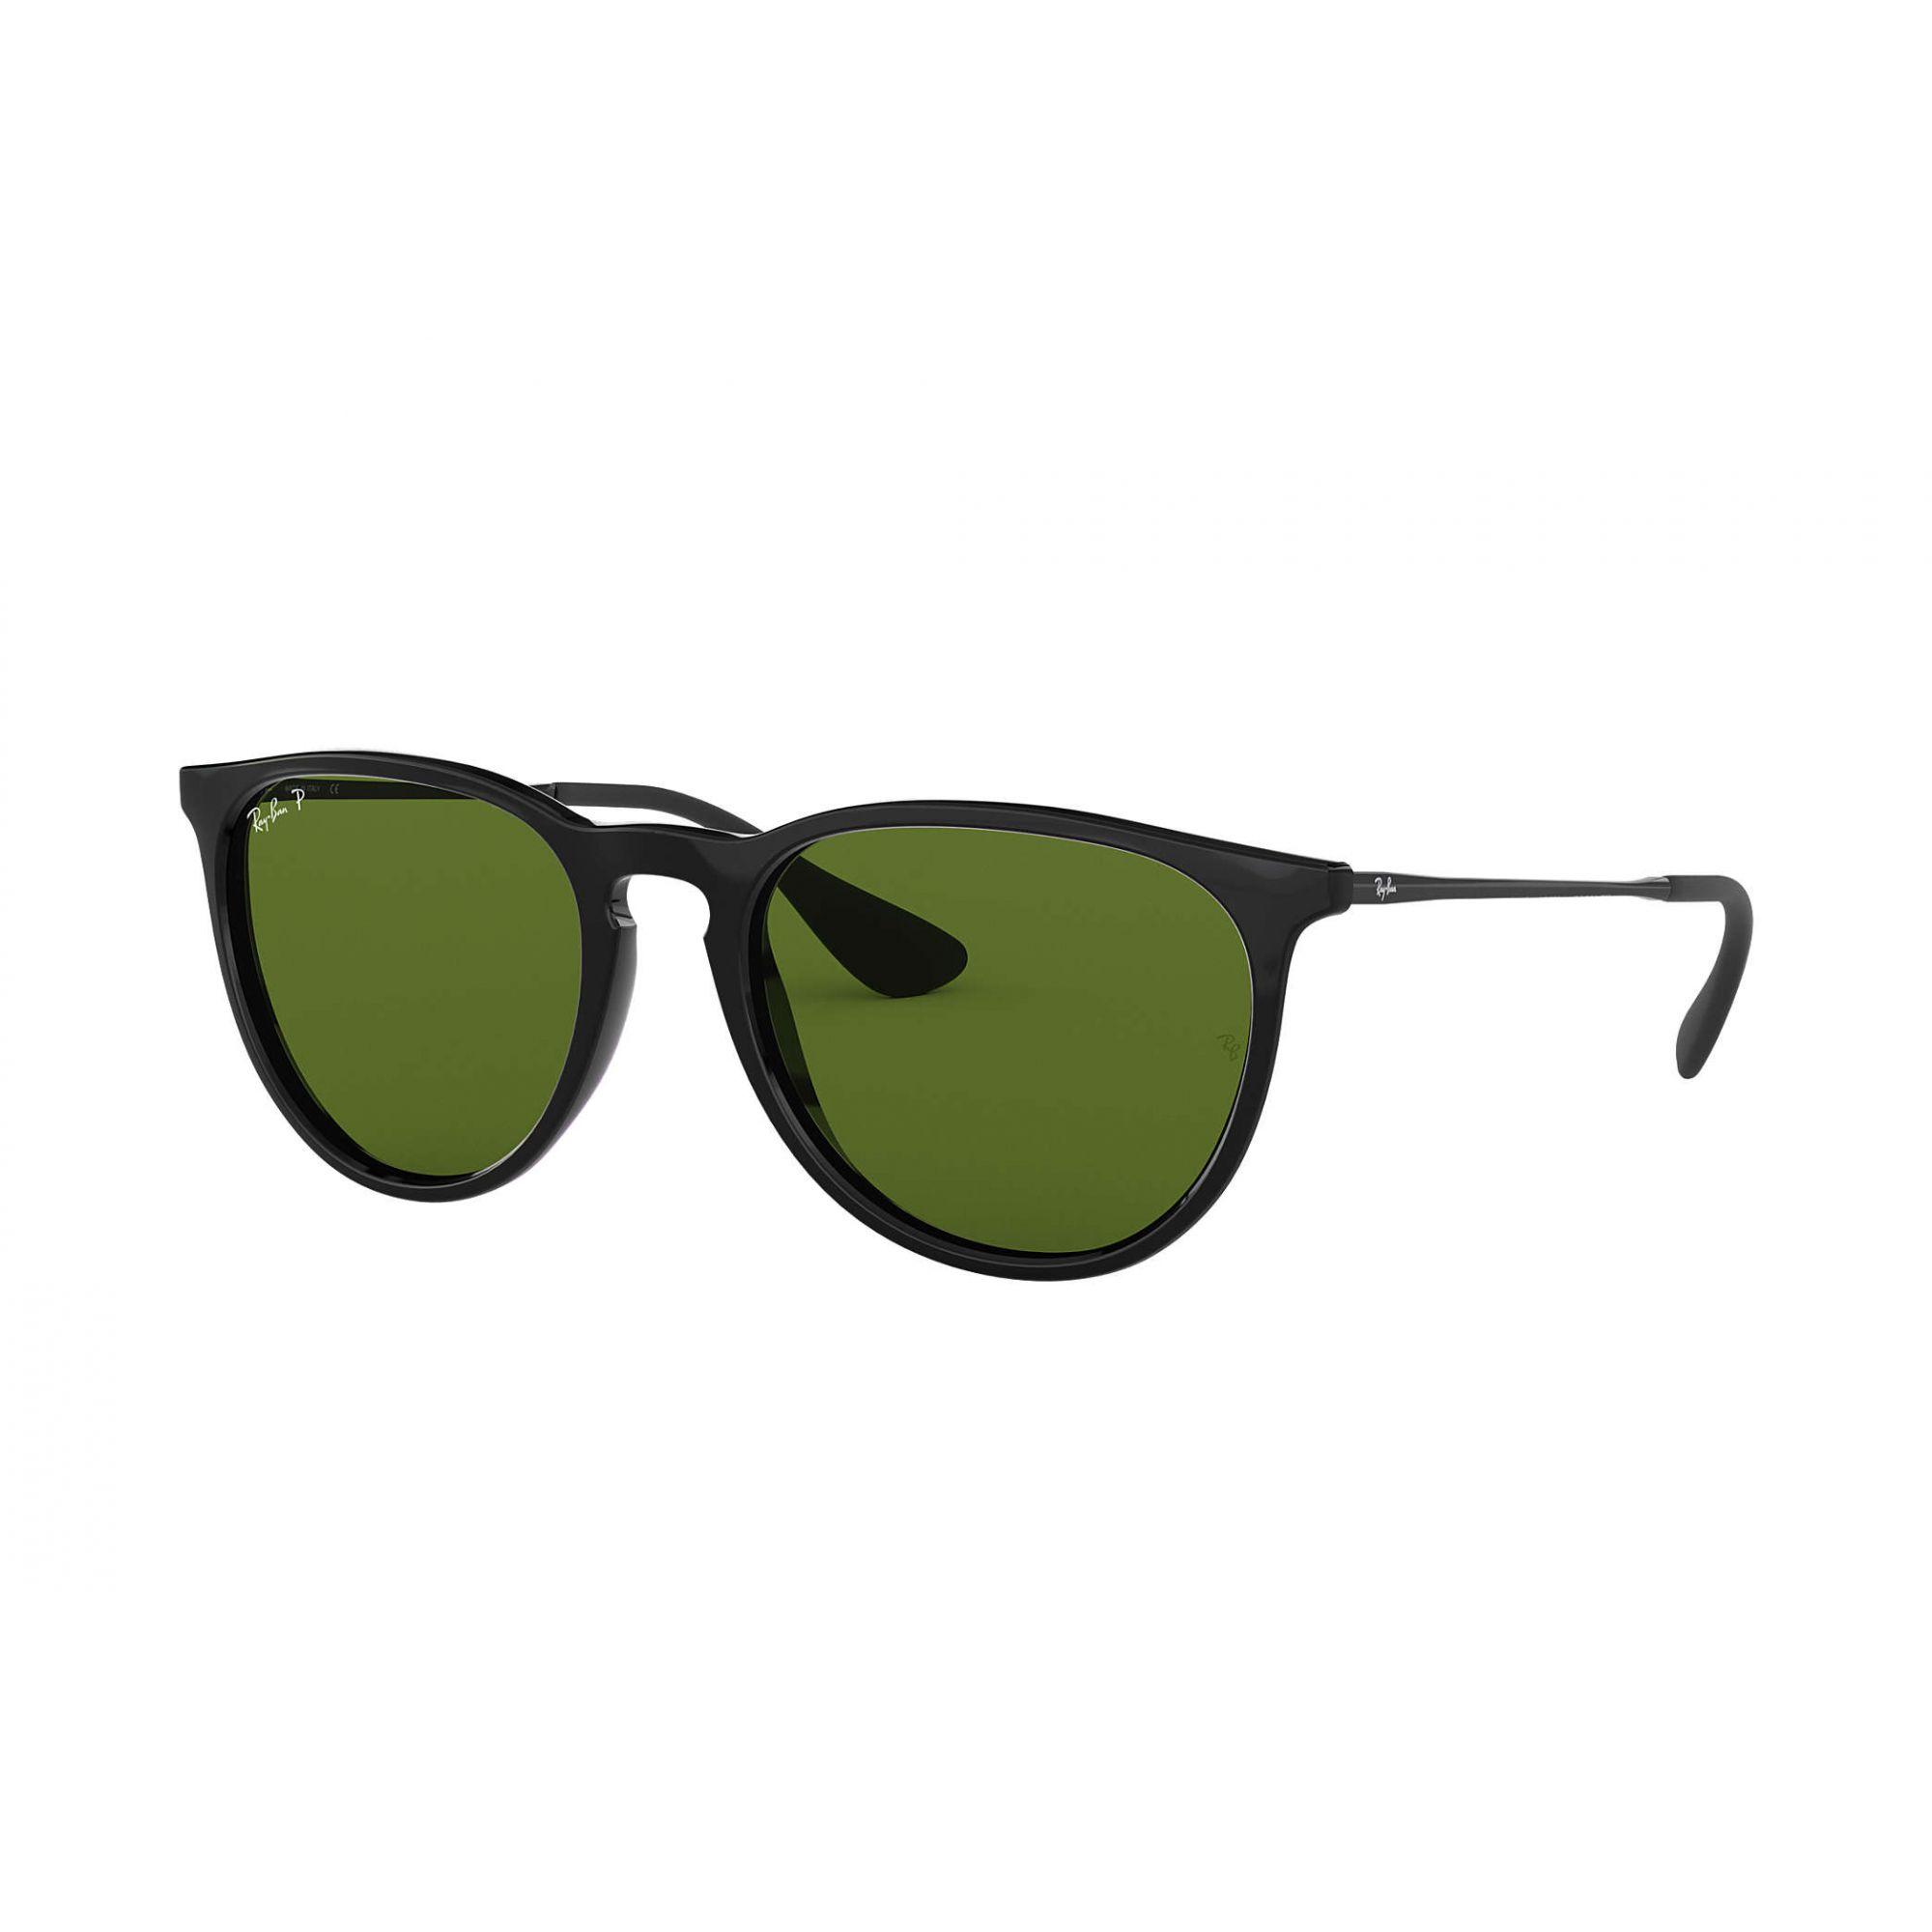 Ray Ban - RB4171L 6012P54 - Óculos de sol